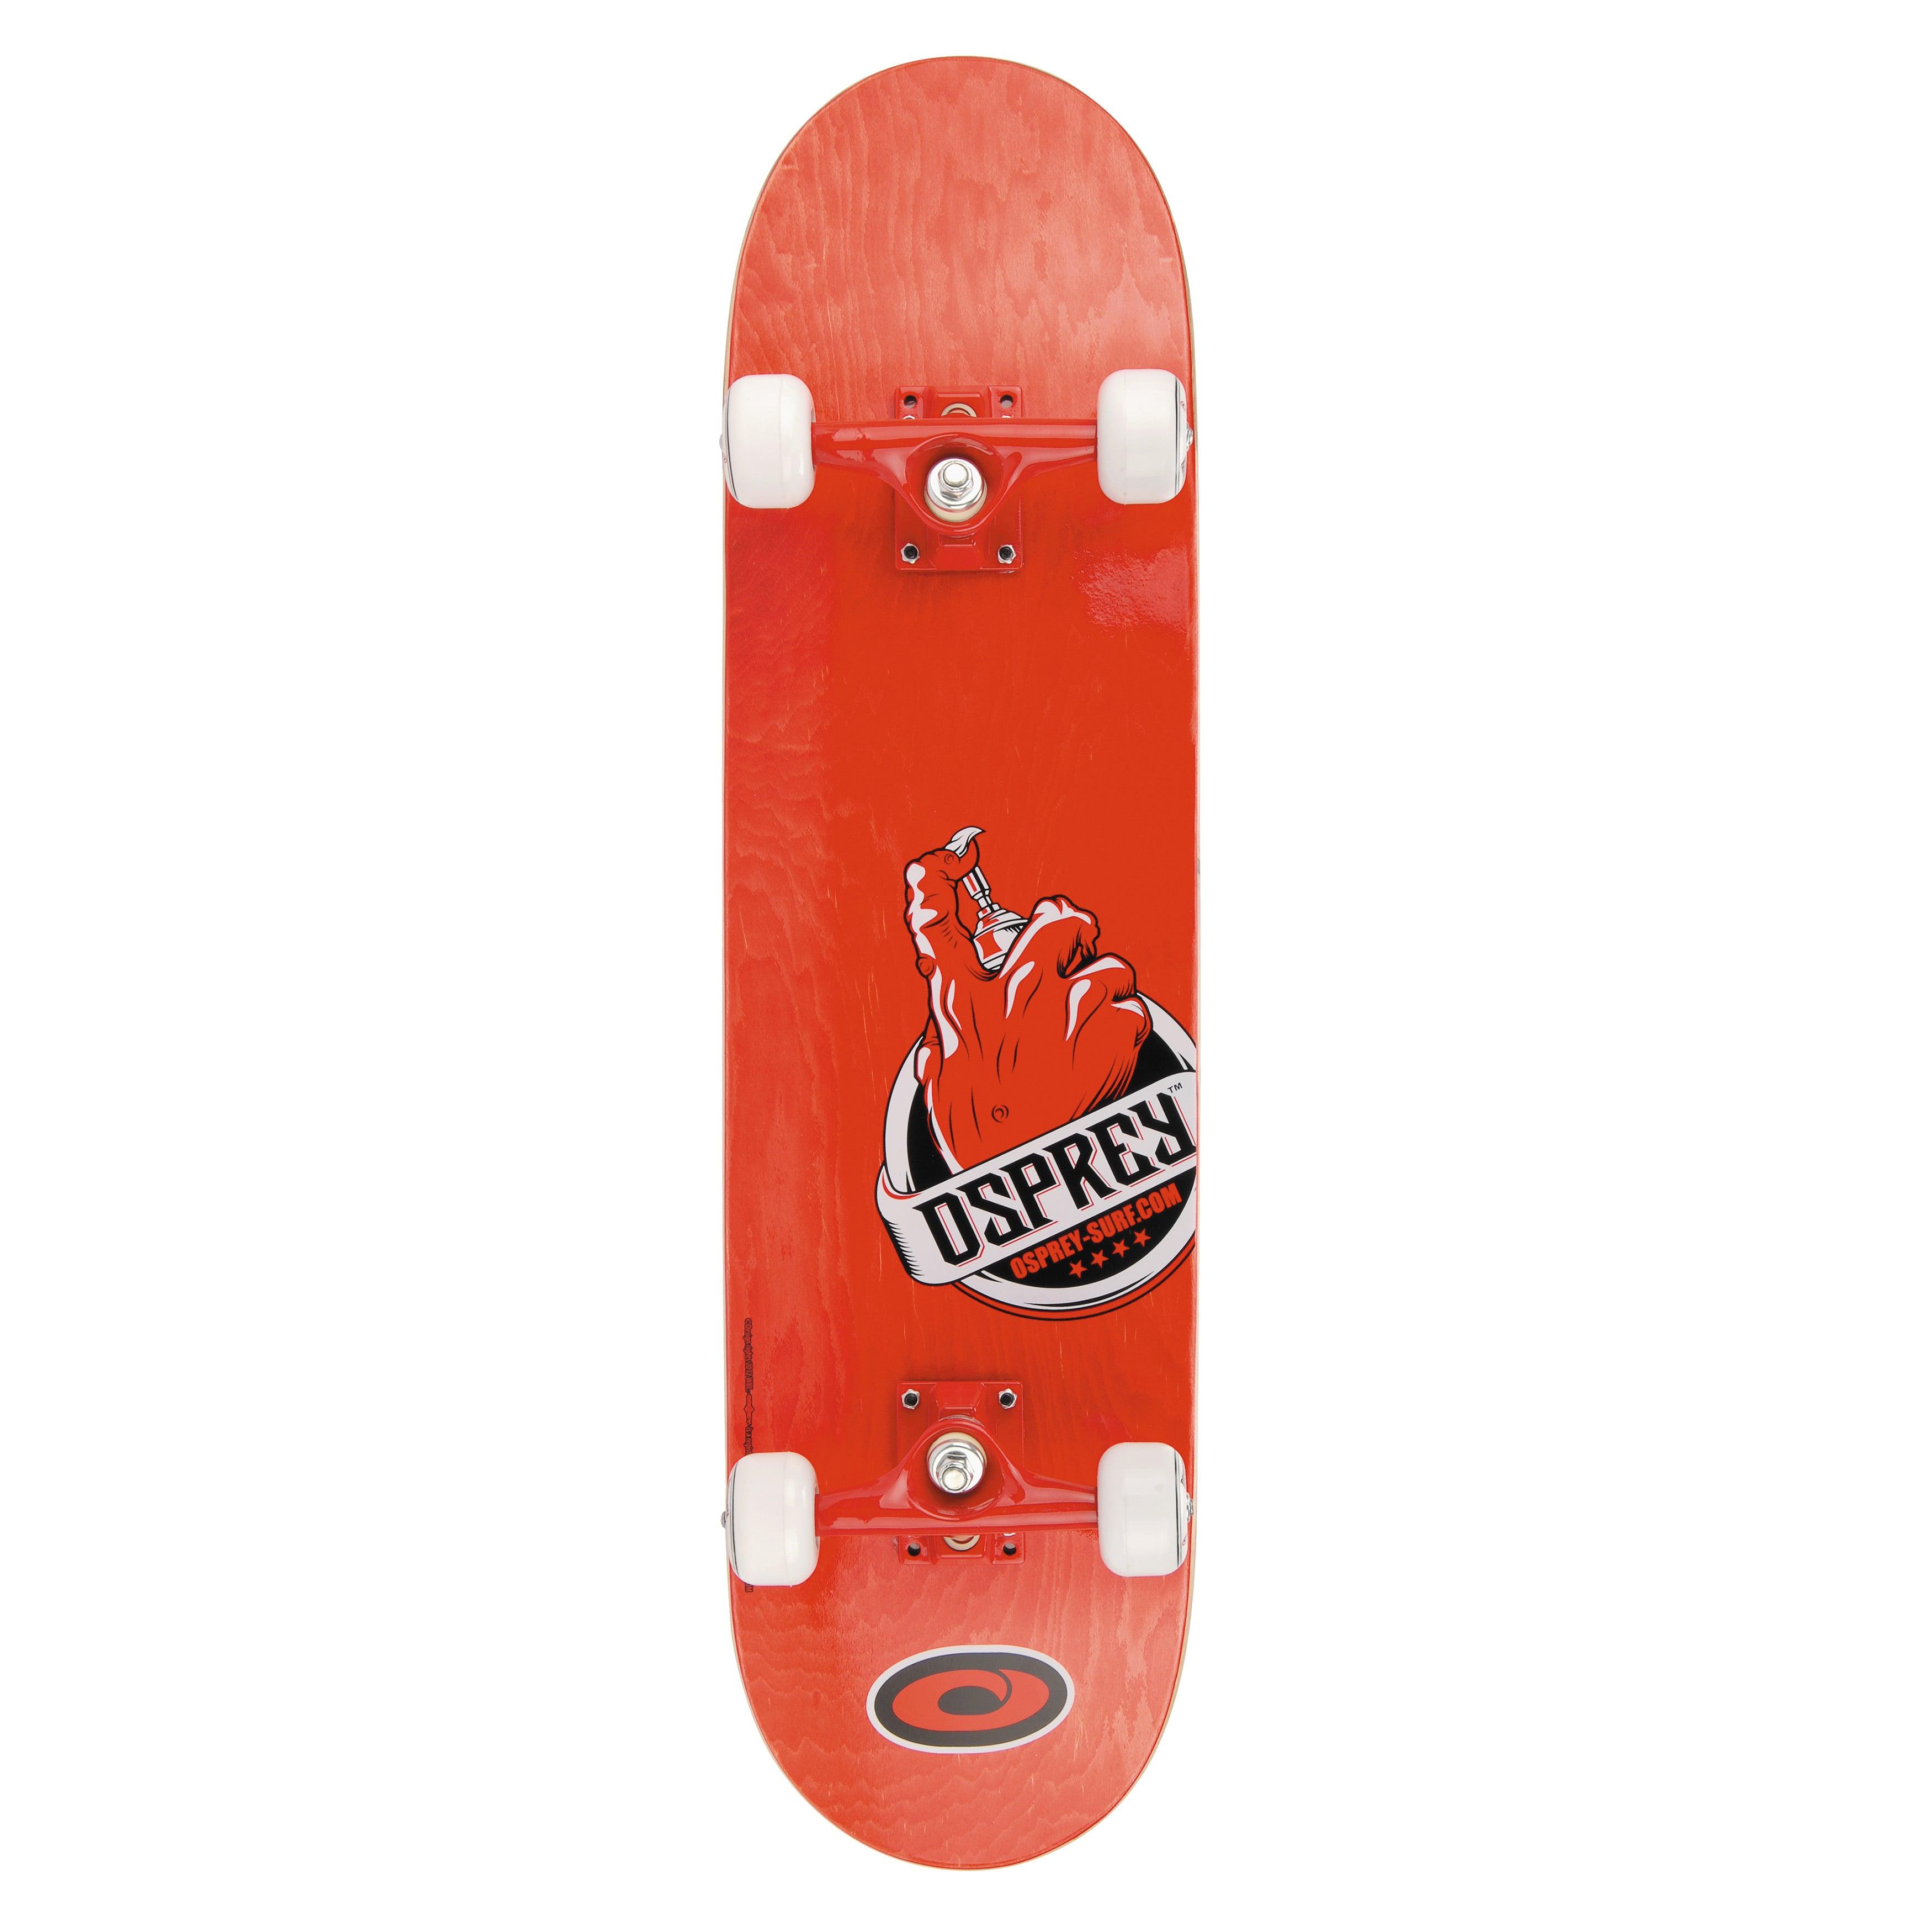 Osprey OSP Envy Skateboard - TY4434A